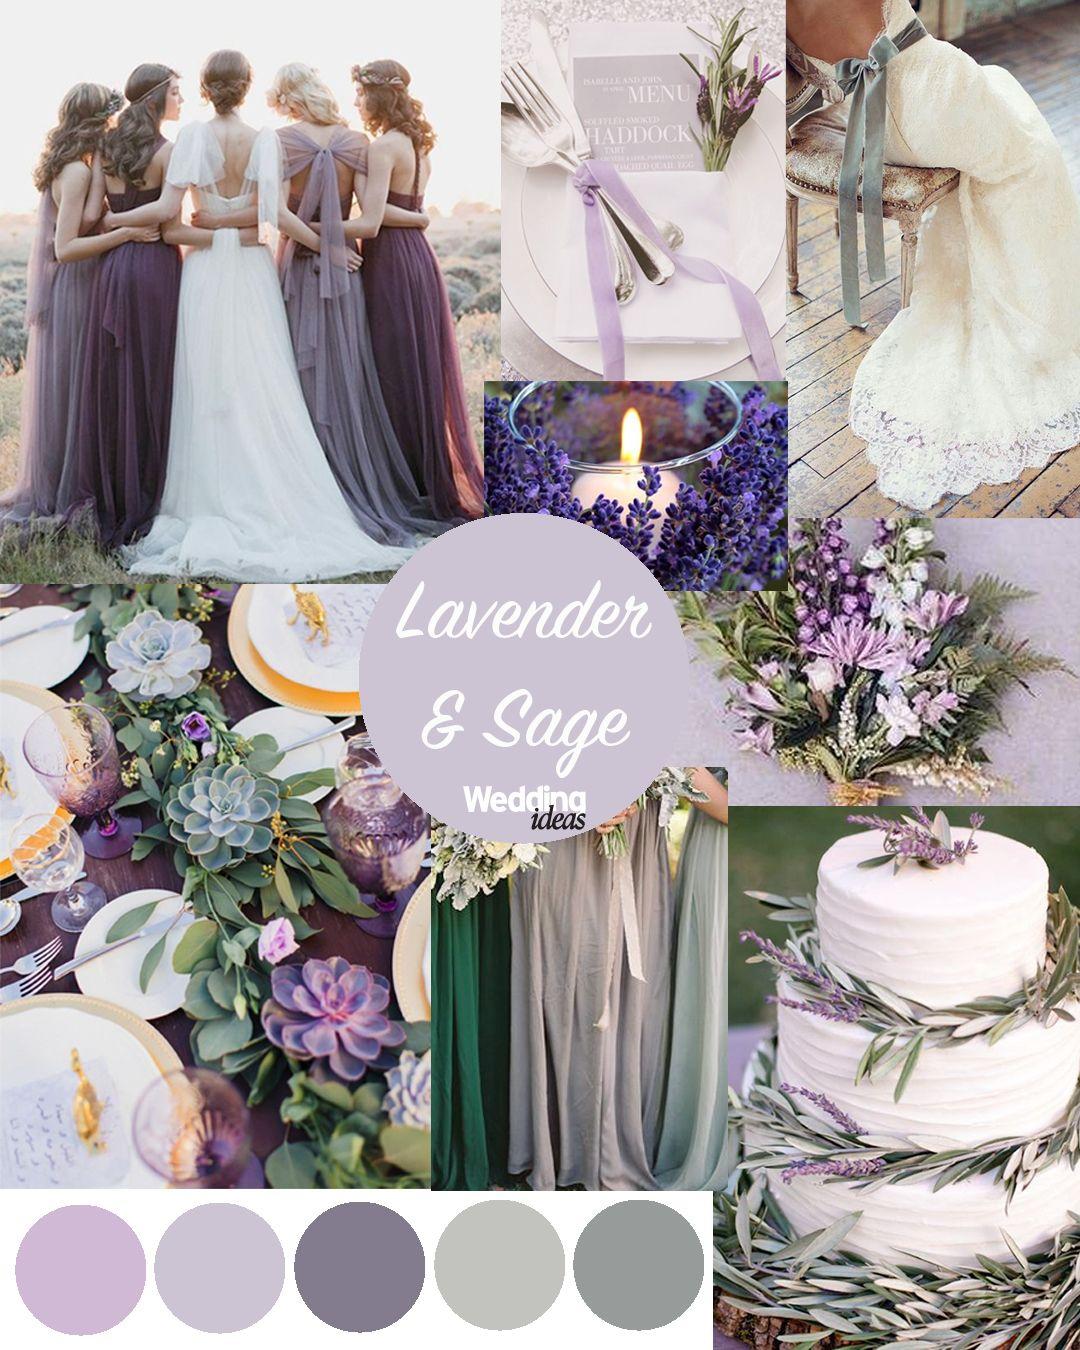 Lavender & Sage wedding scheme inspo by Wedding Ideas ...